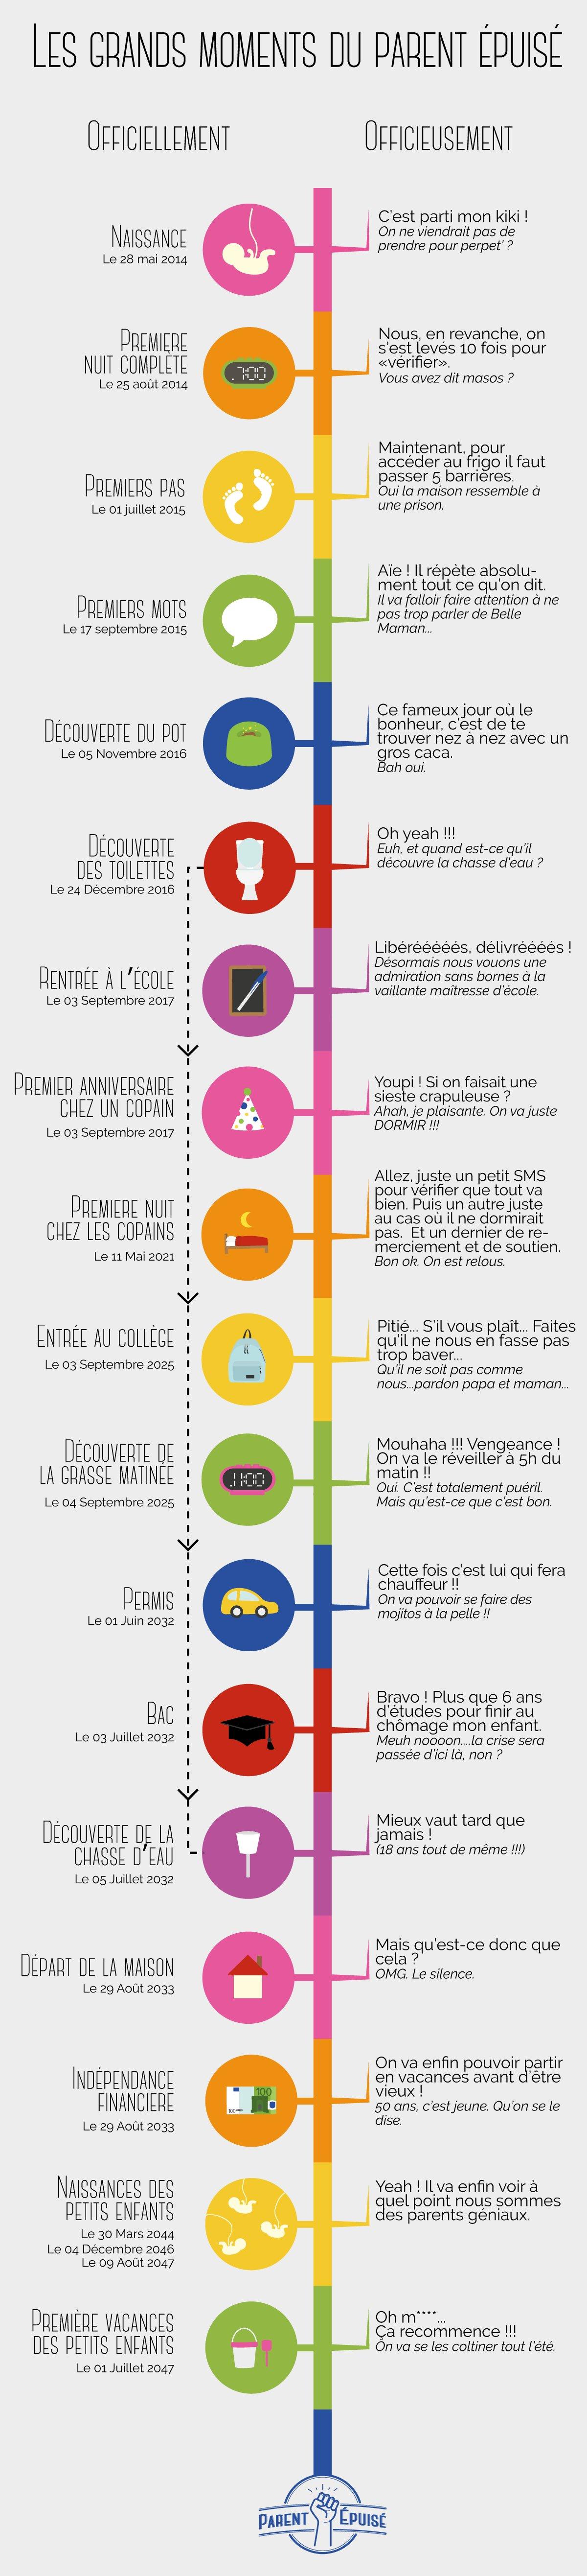 infographie-grands-moments-v5